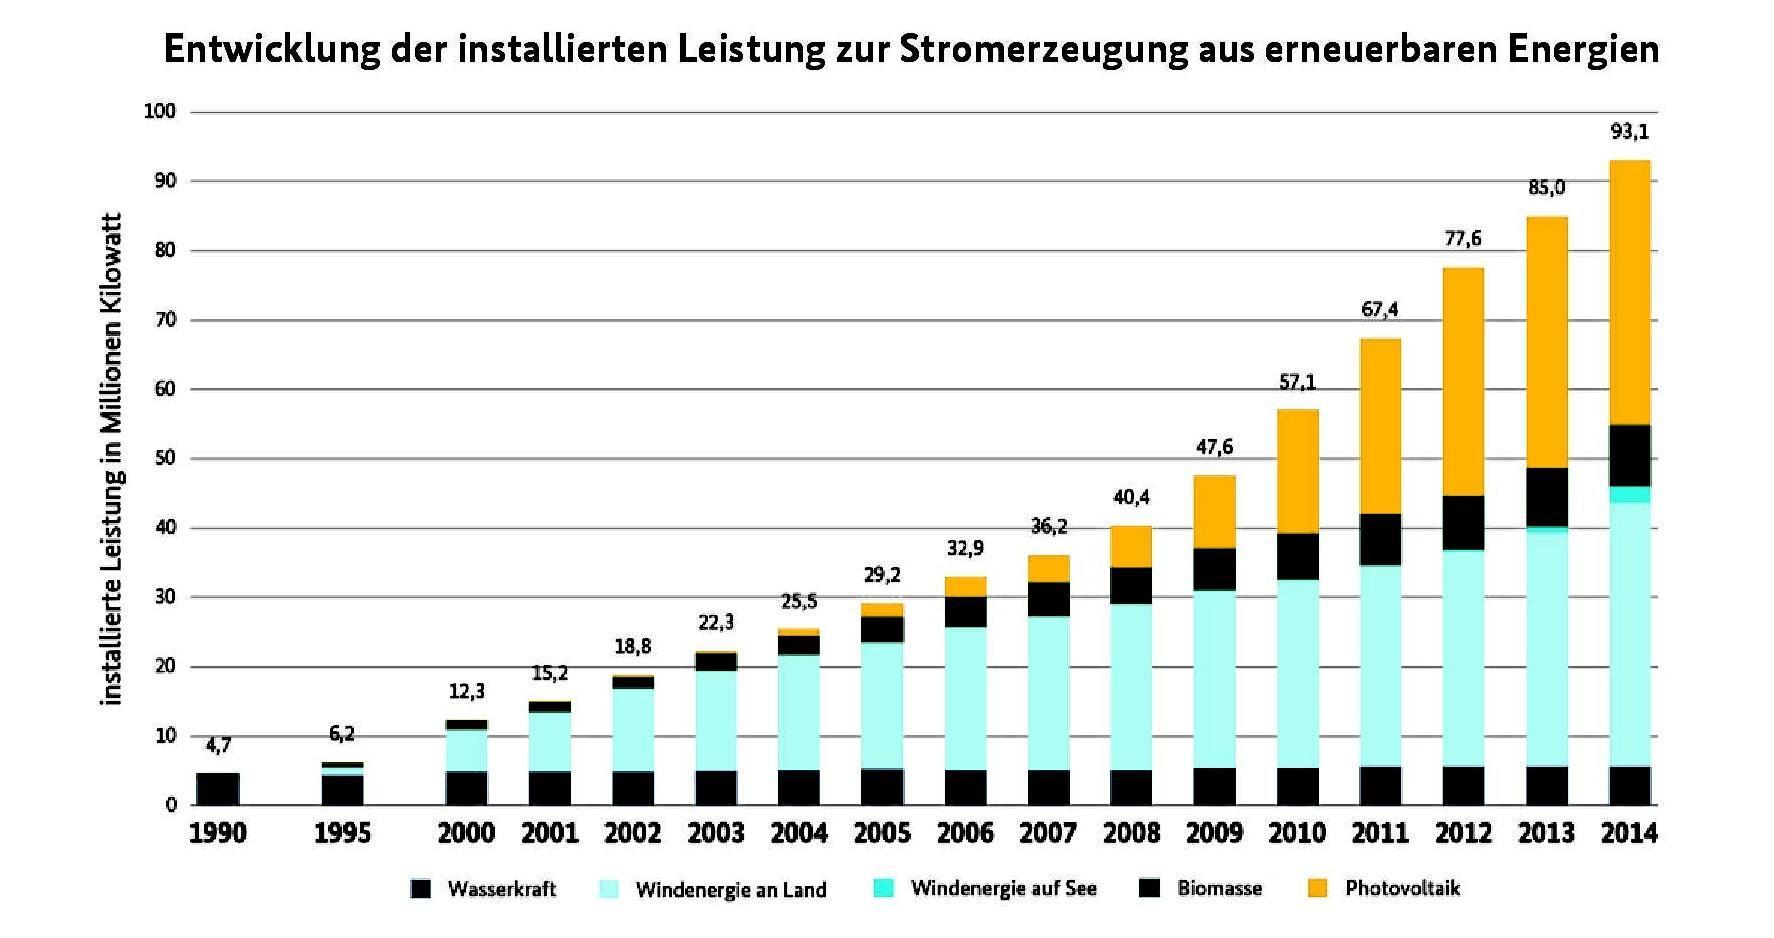 Balkendiagramm der installierten elektrischen Erzeugungsleistung aus Erneuerbaren Energien in Deutschland © Grafik: BMWi